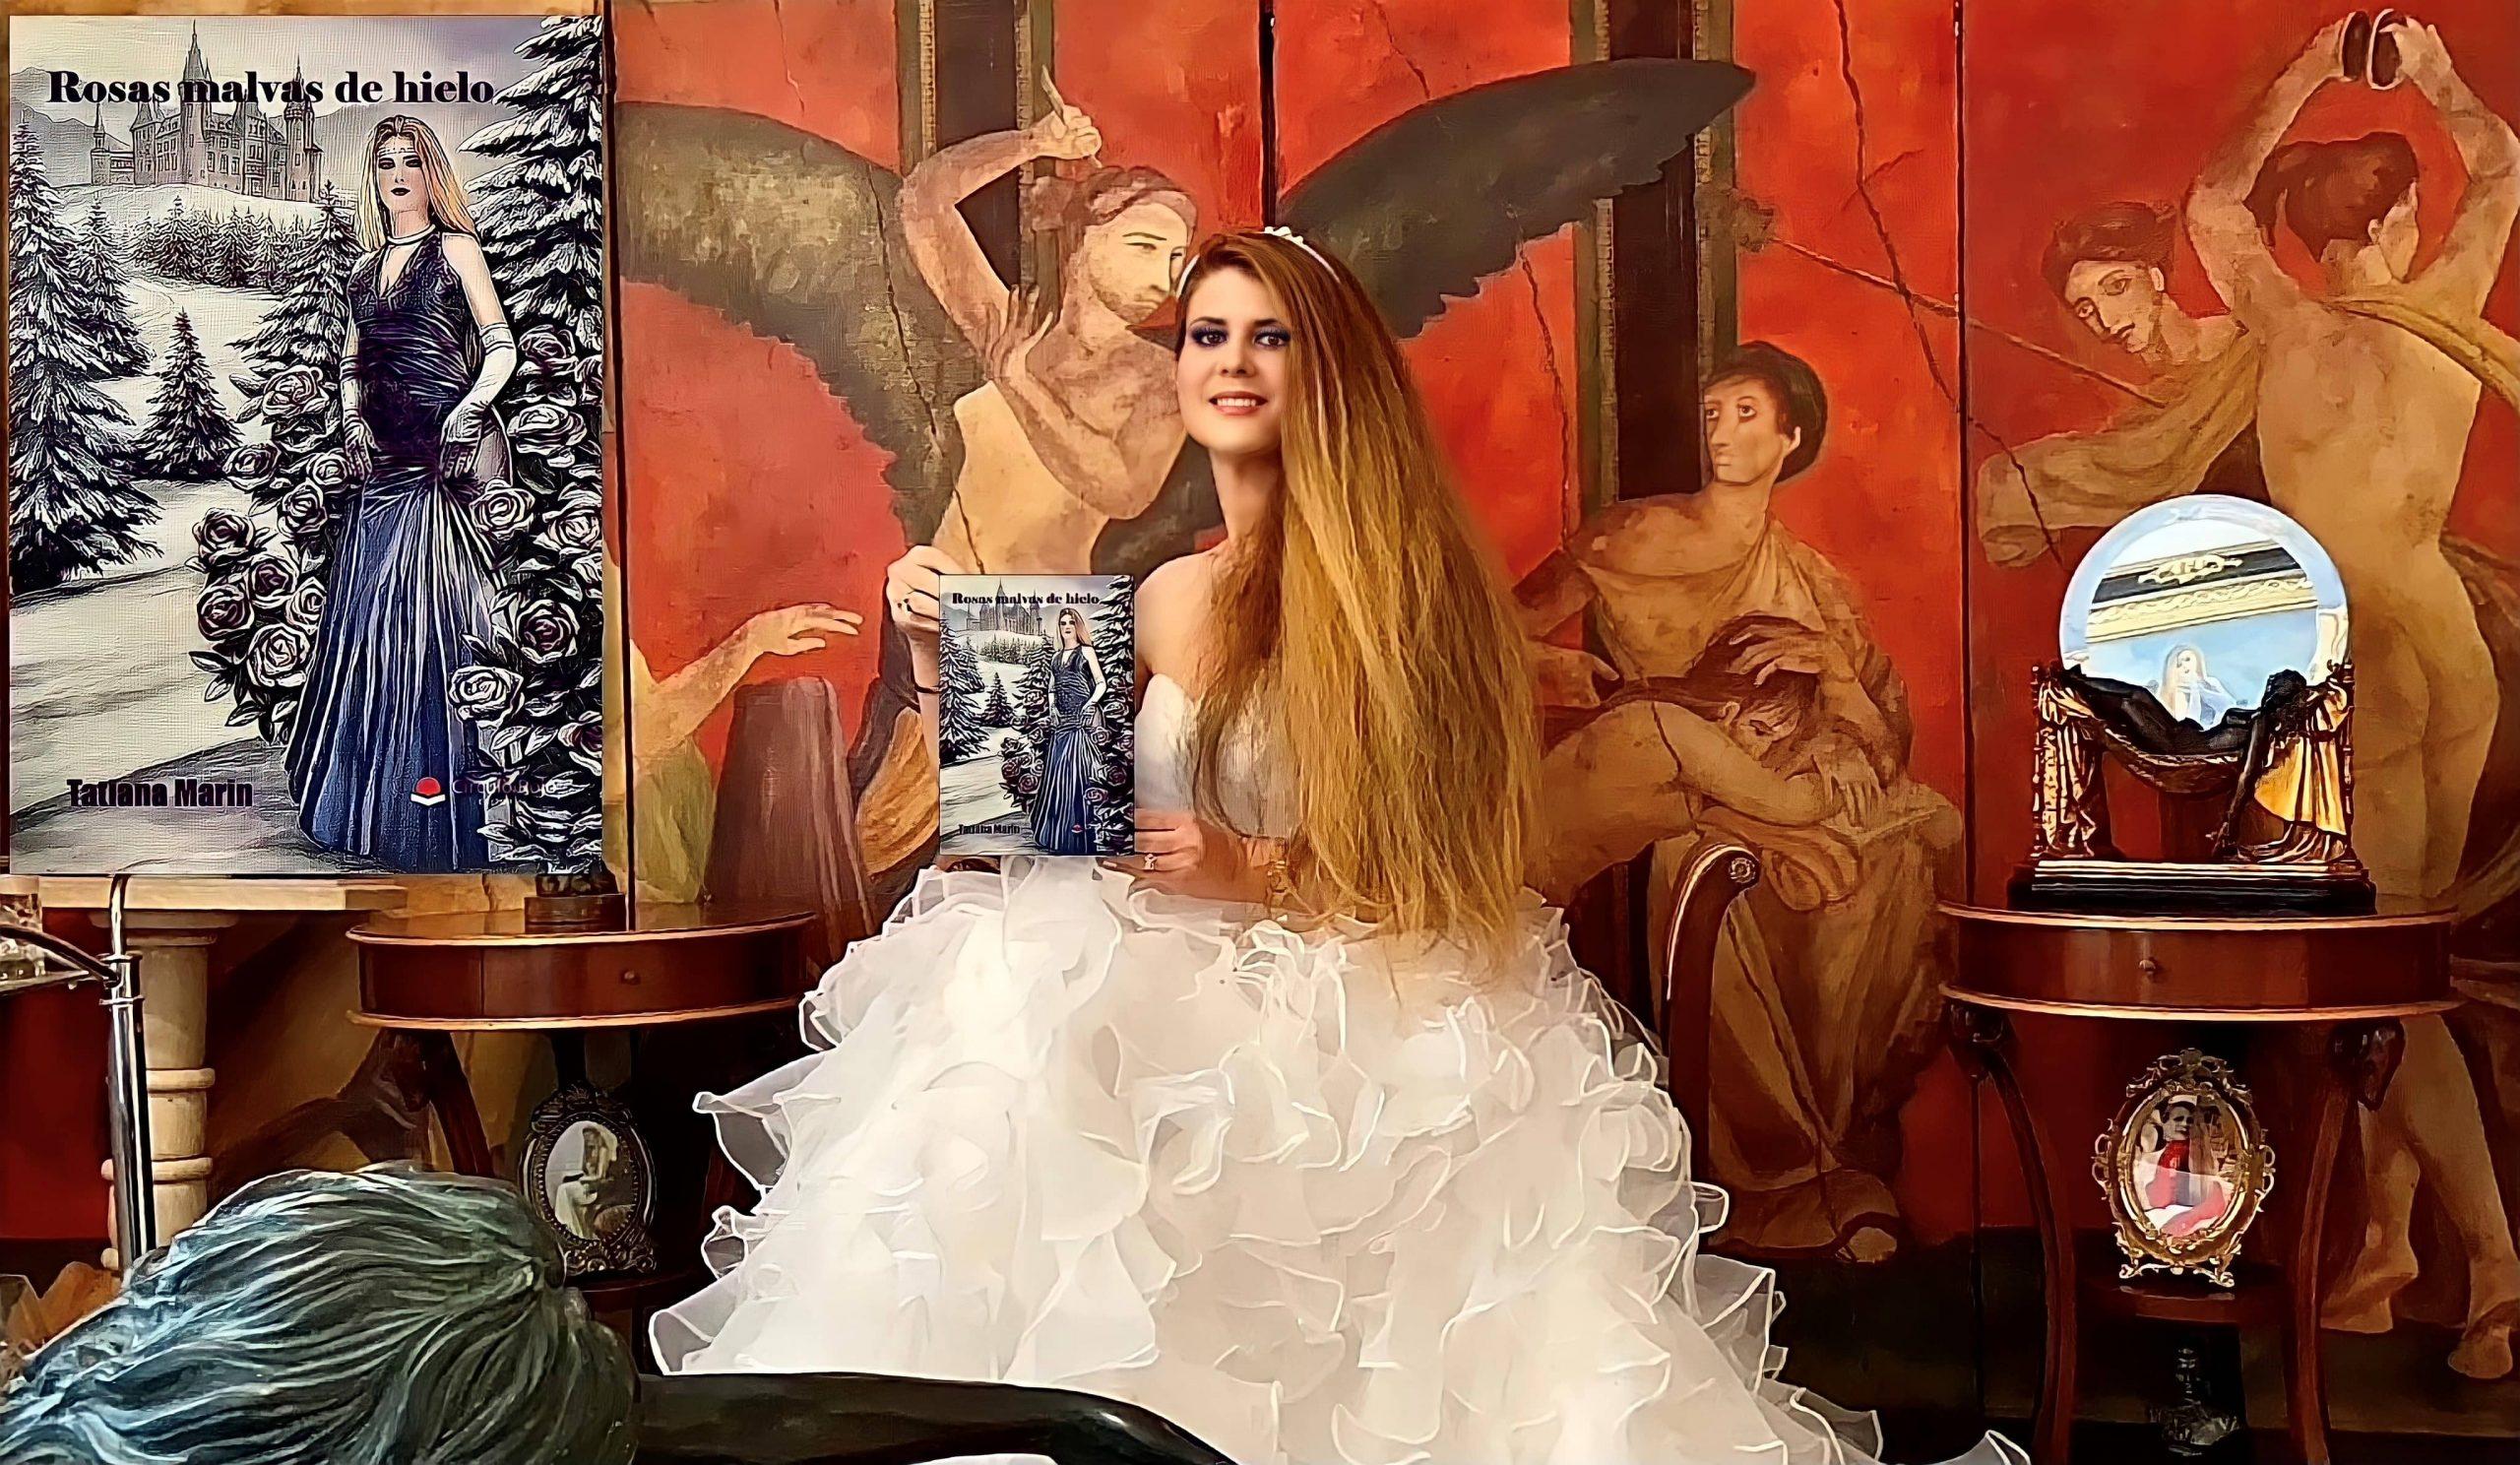 «Rosas malvas de hielo», nueva obra de la escritora estadounidense Tatiana Marín